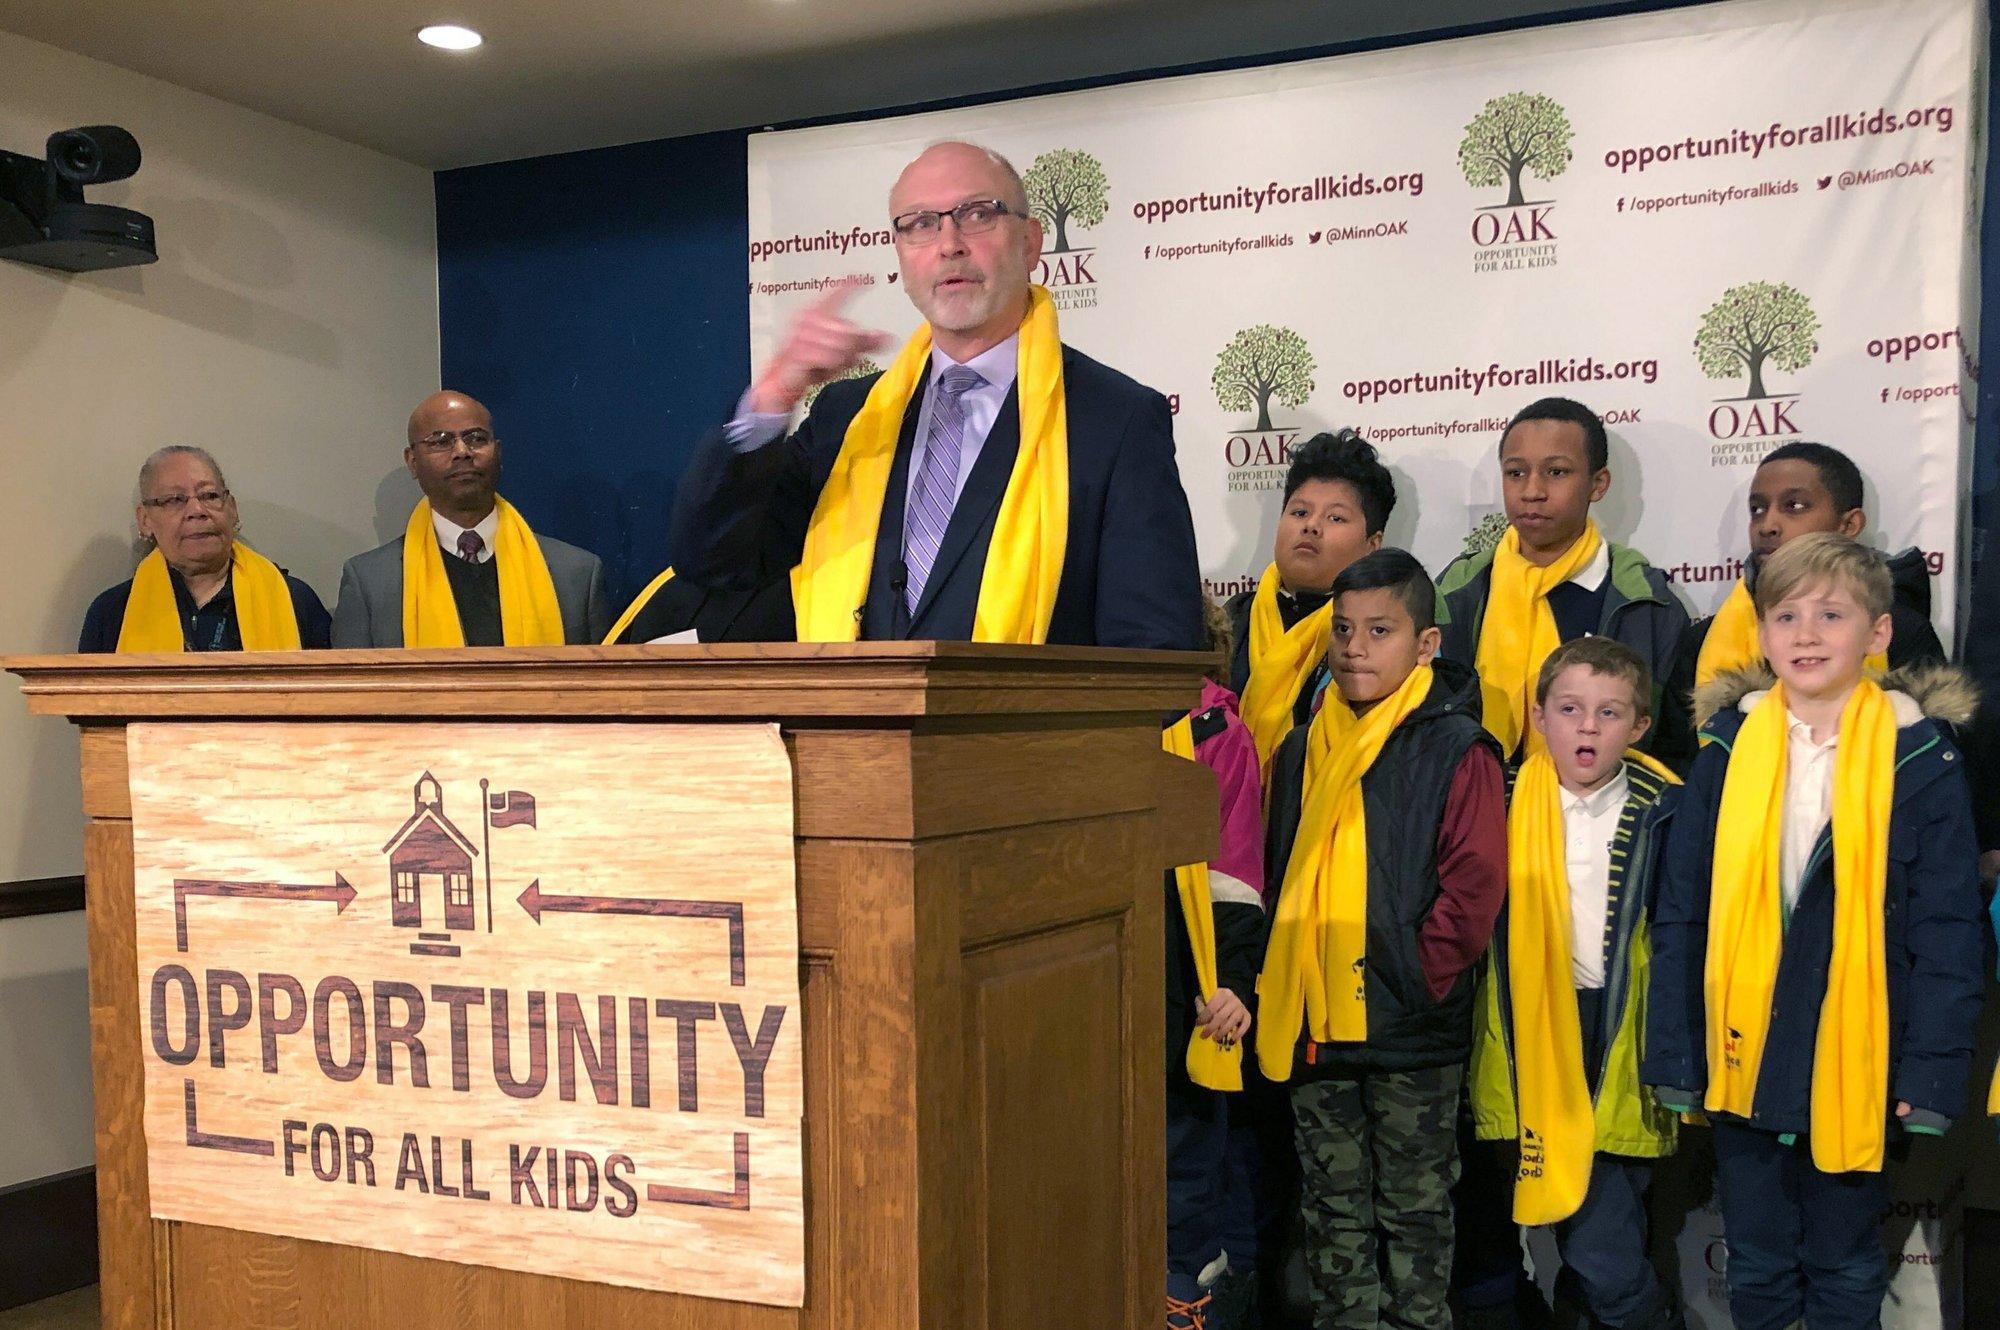 Senate Republicans revive private school scholarships plan